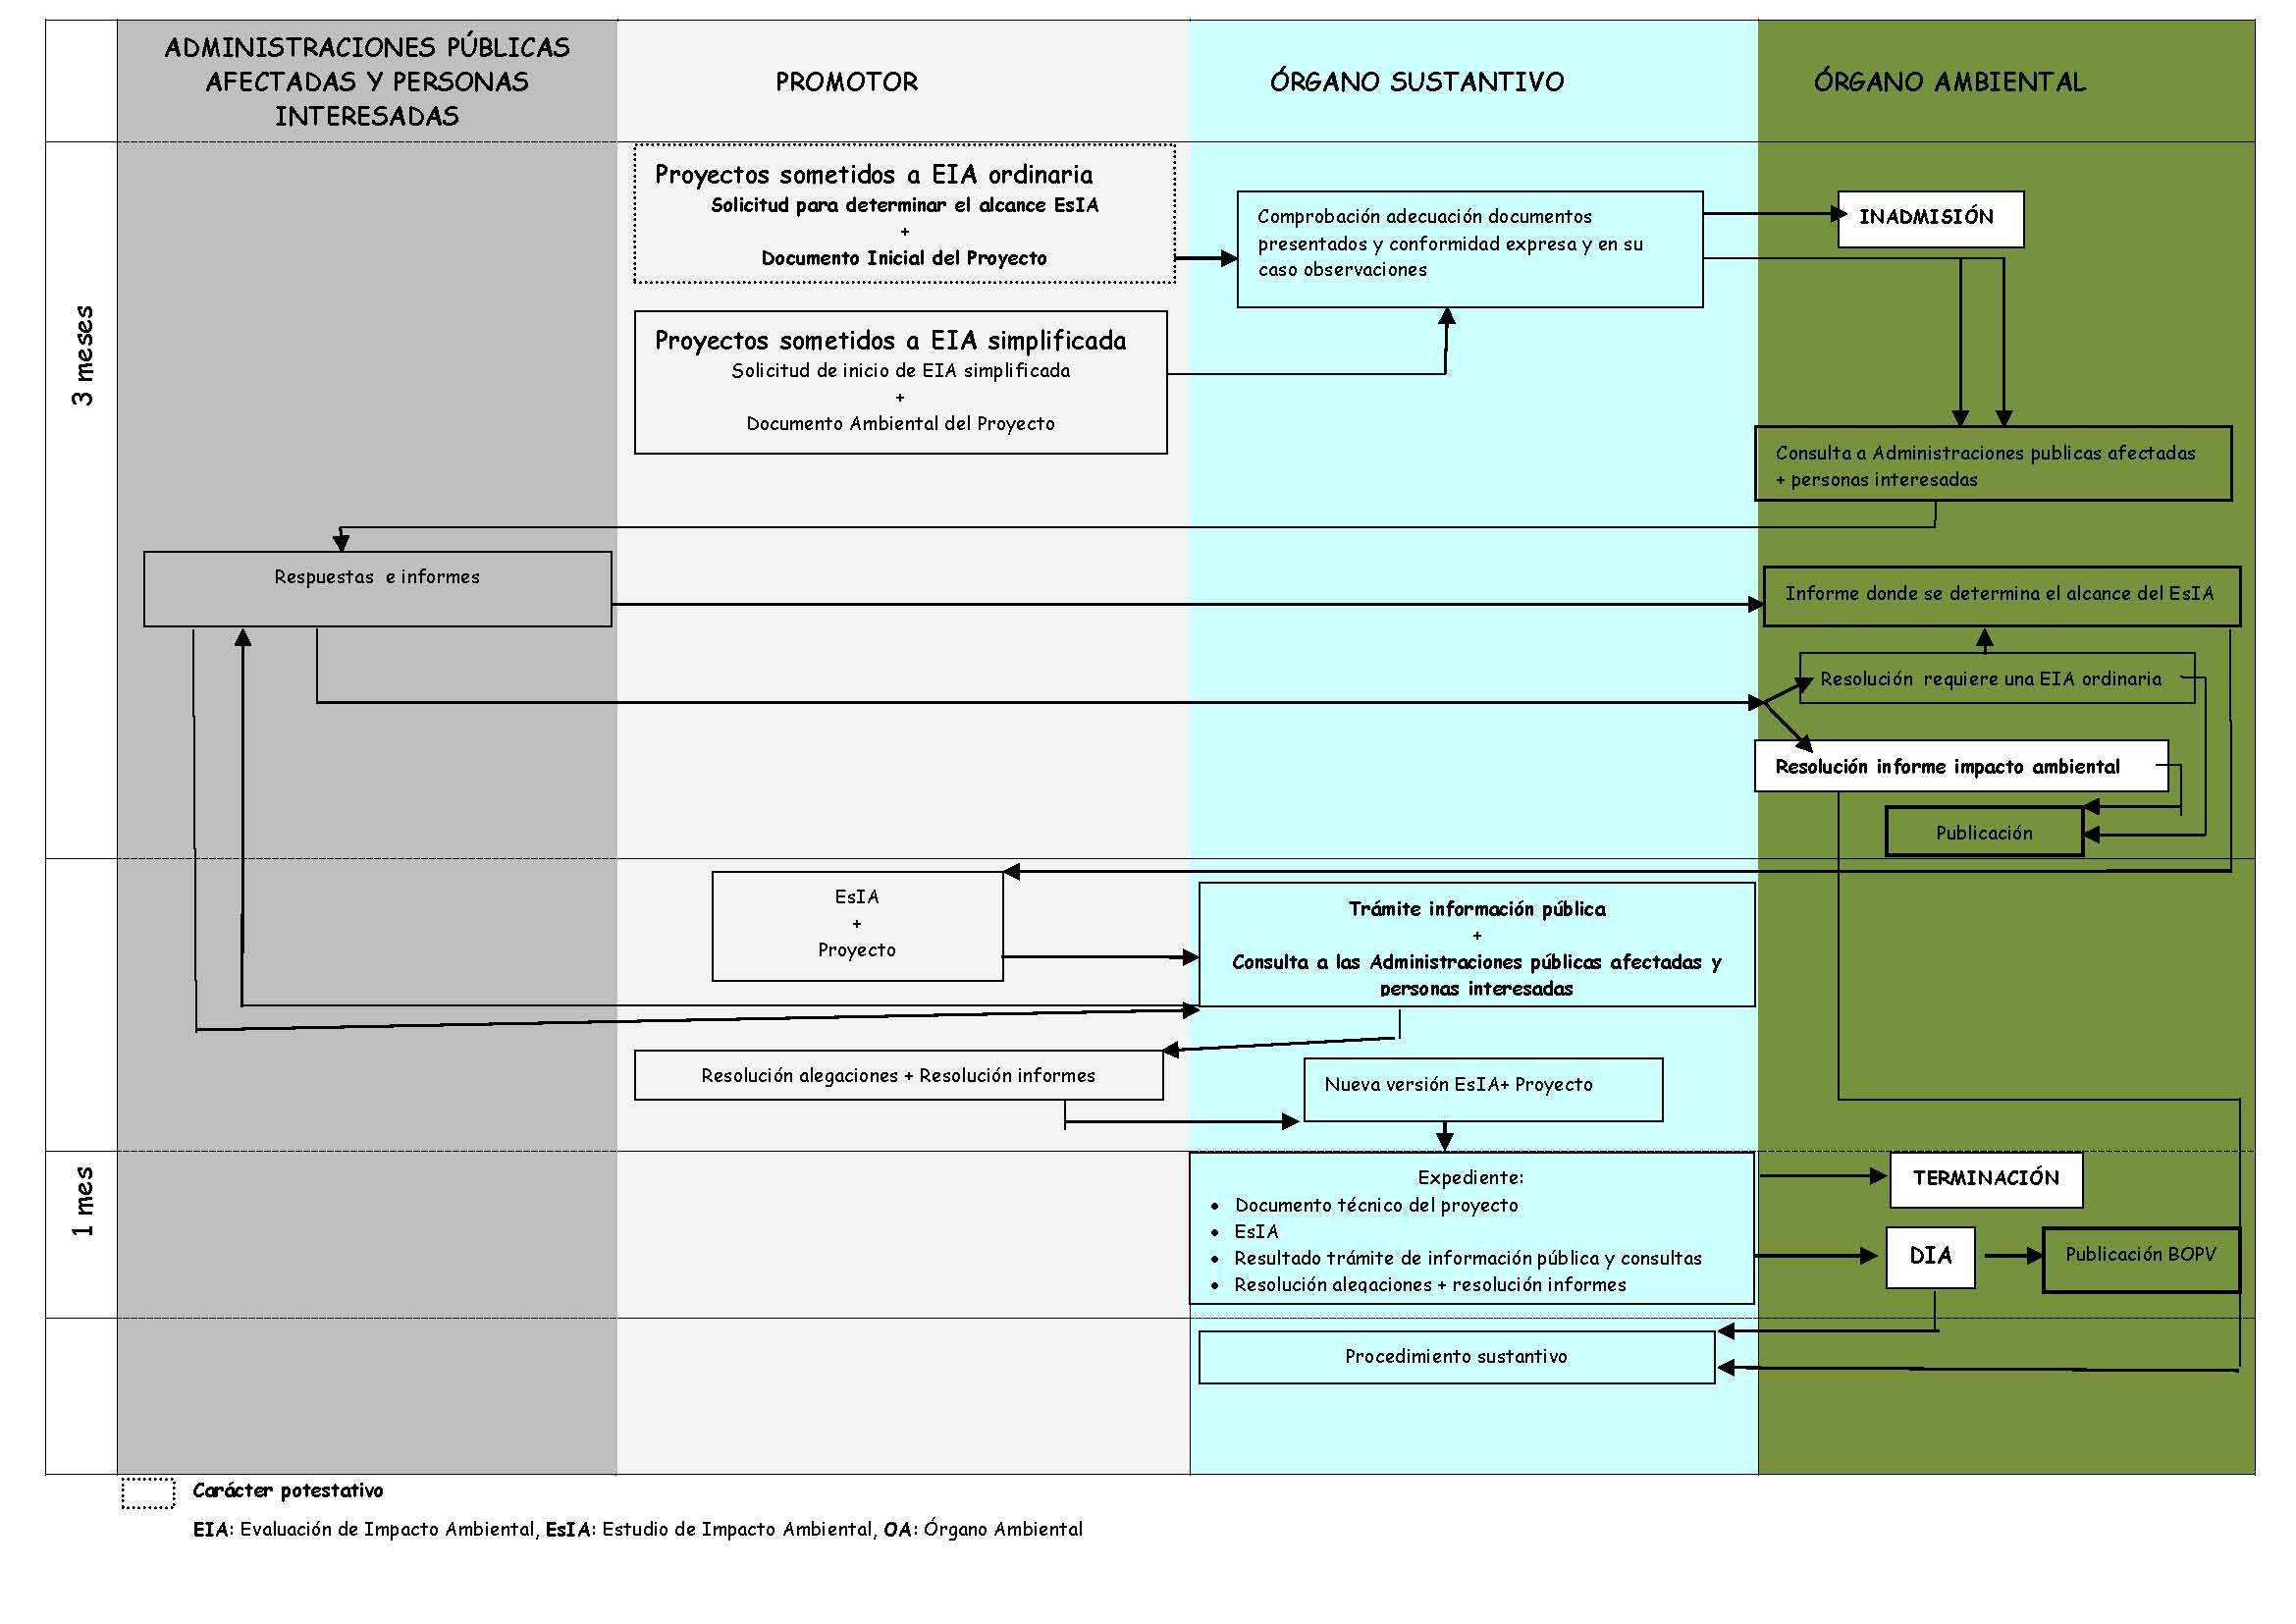 Preguntas frecuentes sobre Evaluación de Impacto Ambiental (EIA) de ...